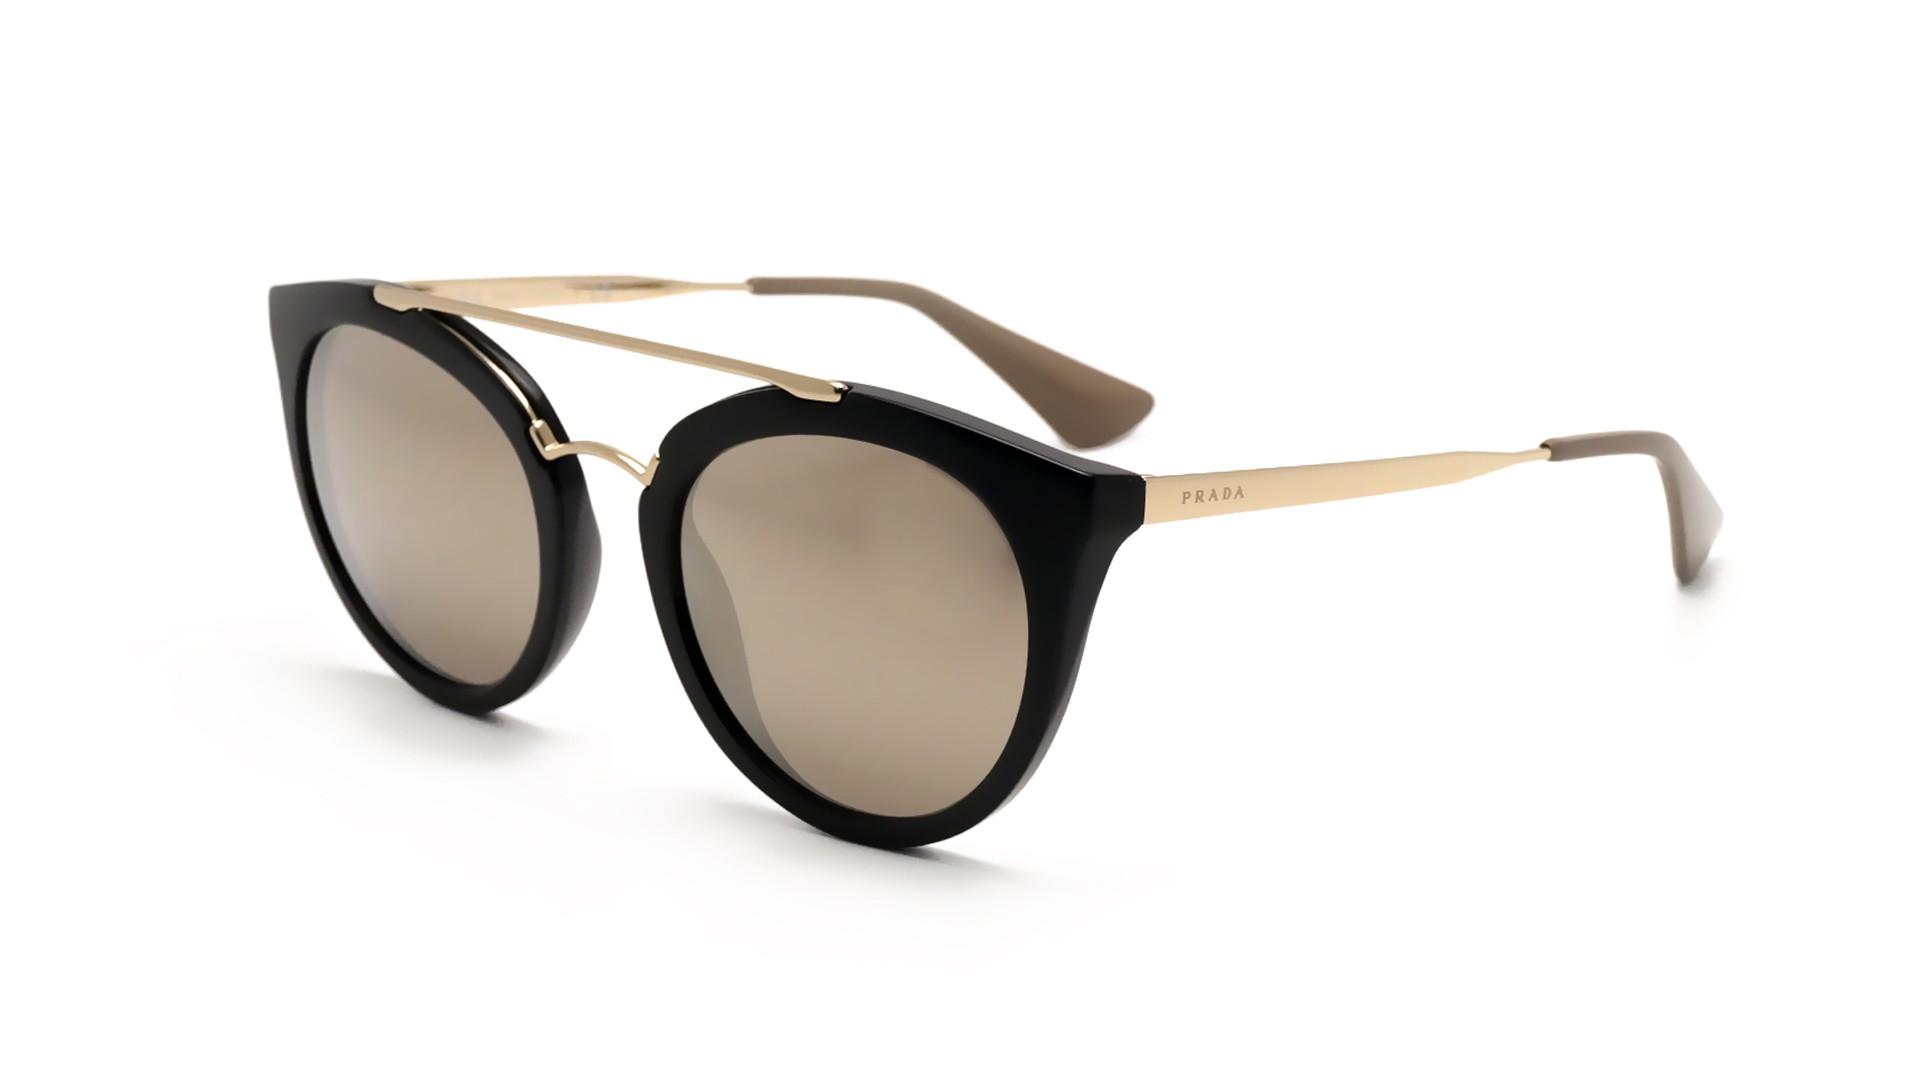 649efb7c17418 Sunglasses Prada PR23SS 1AB1C0 52-22 Black Medium Mirror